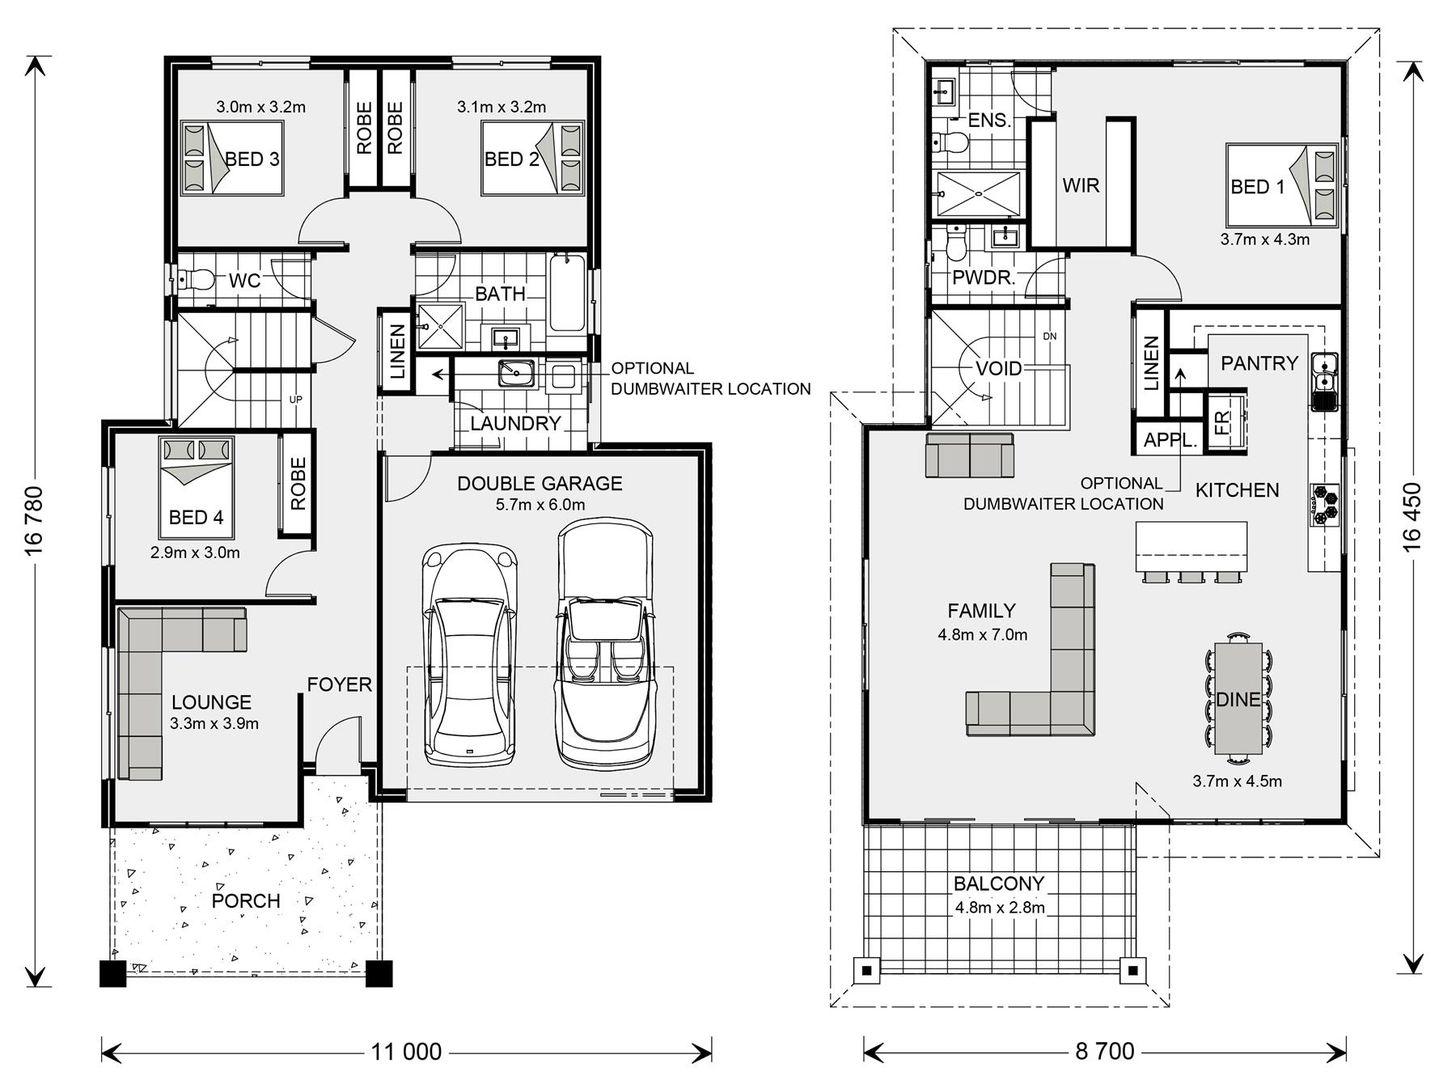 Lot 312 Pembrey Circuit, Cowes VIC 3922, Image 1